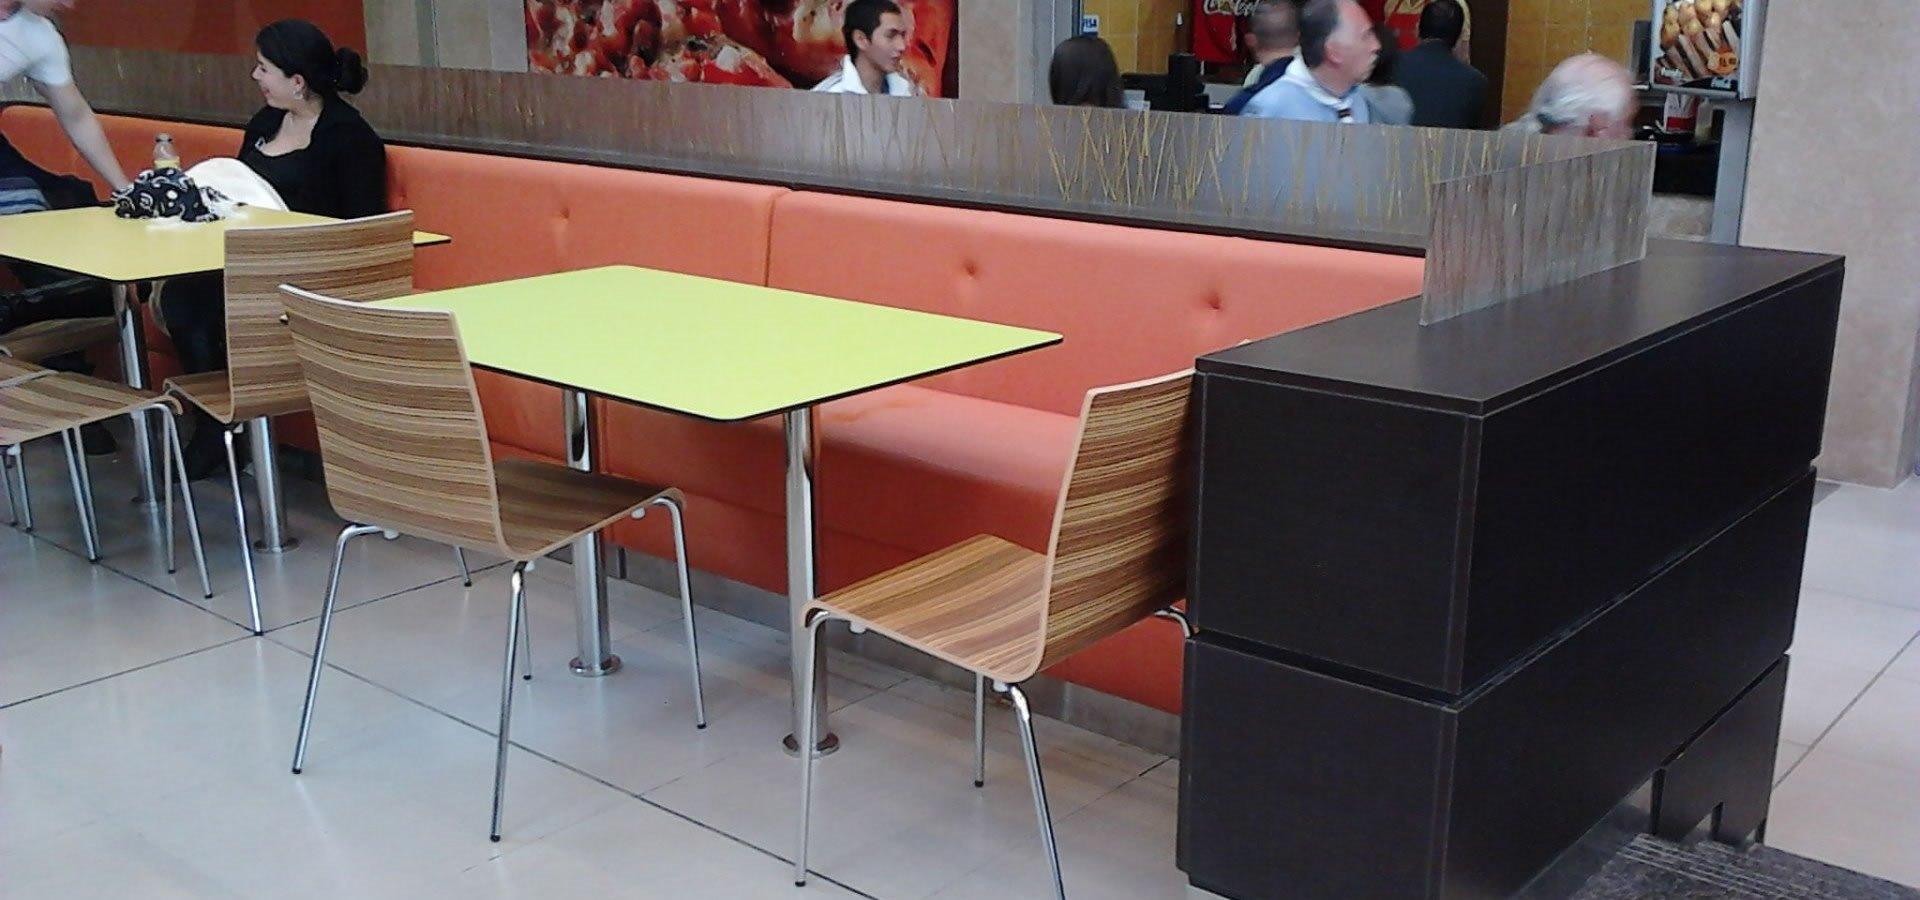 Muebles plazoleta comidas centro comercial tit n plaza for Muebles plaza norte